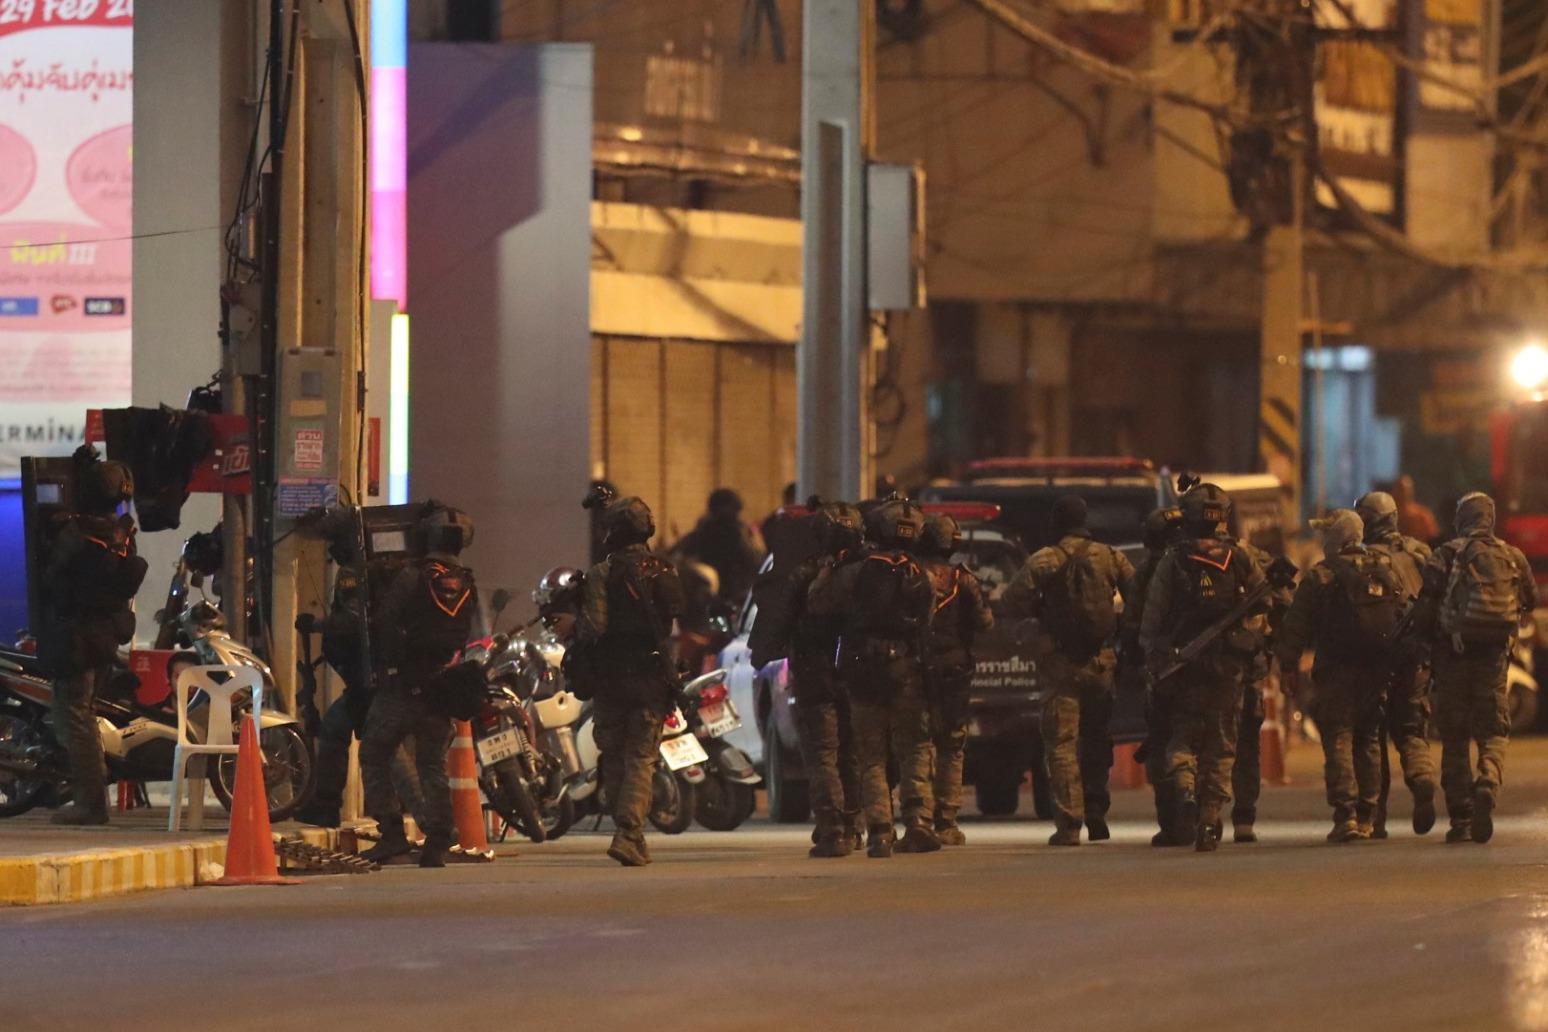 26 dead in Thai gun rampage